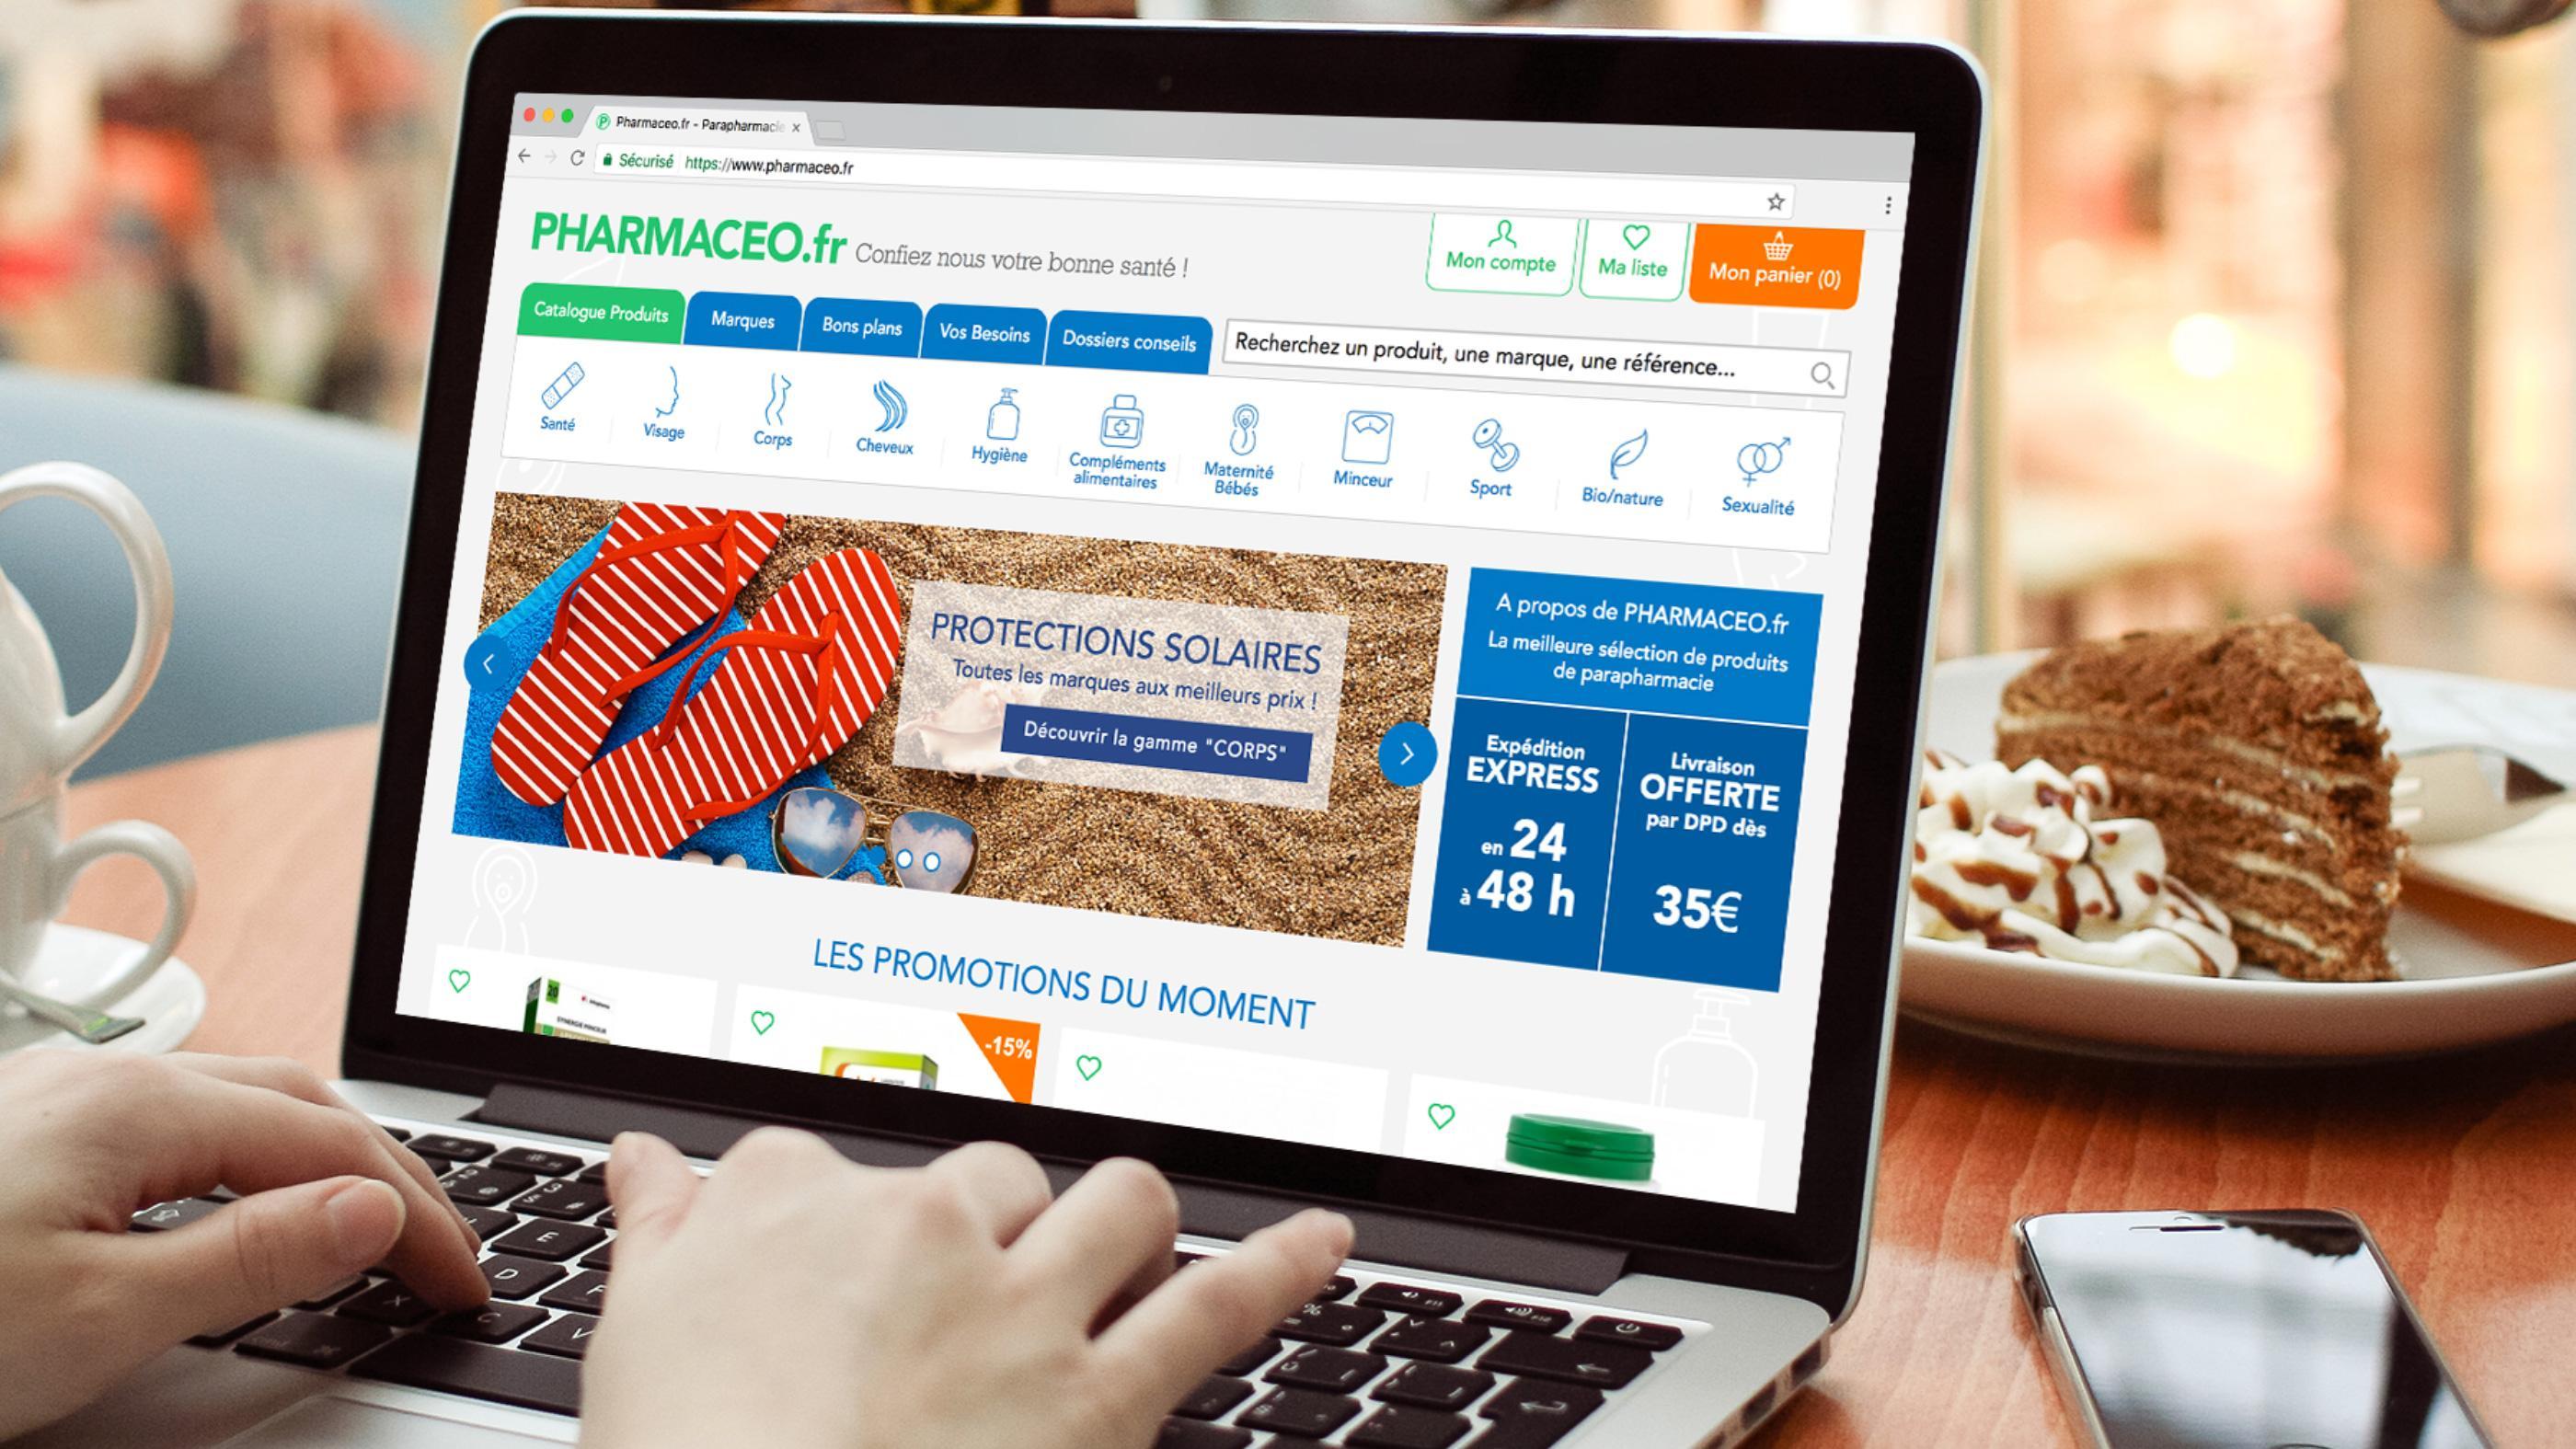 image-pharmaceo-par